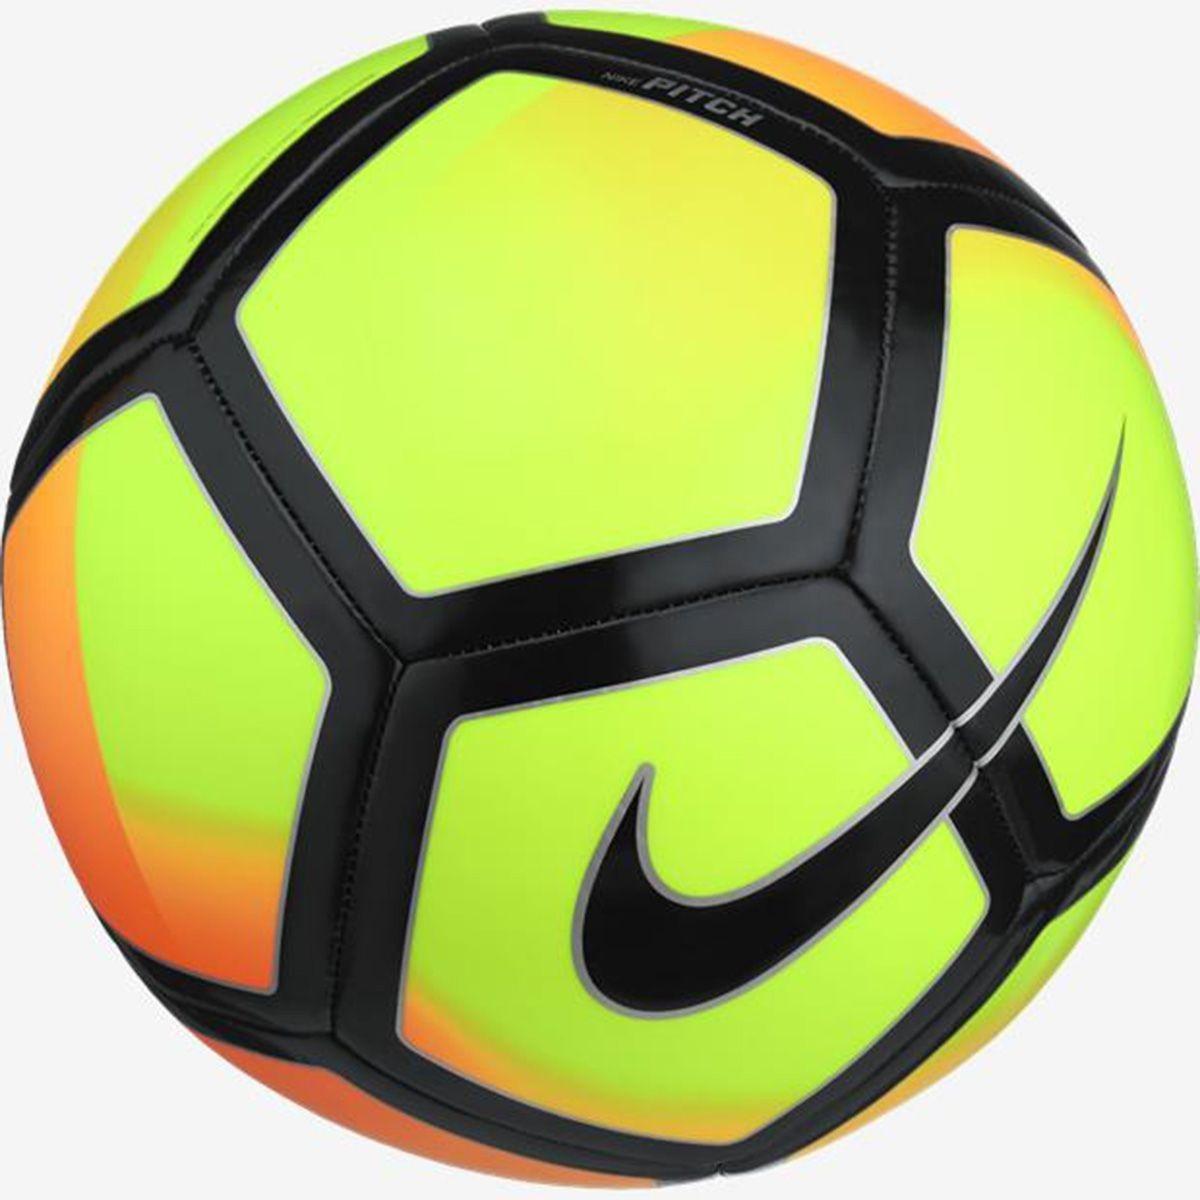 bola de campo nike pitch preto e verde - loja física. Carregando zoom. 76c7201cdf21a